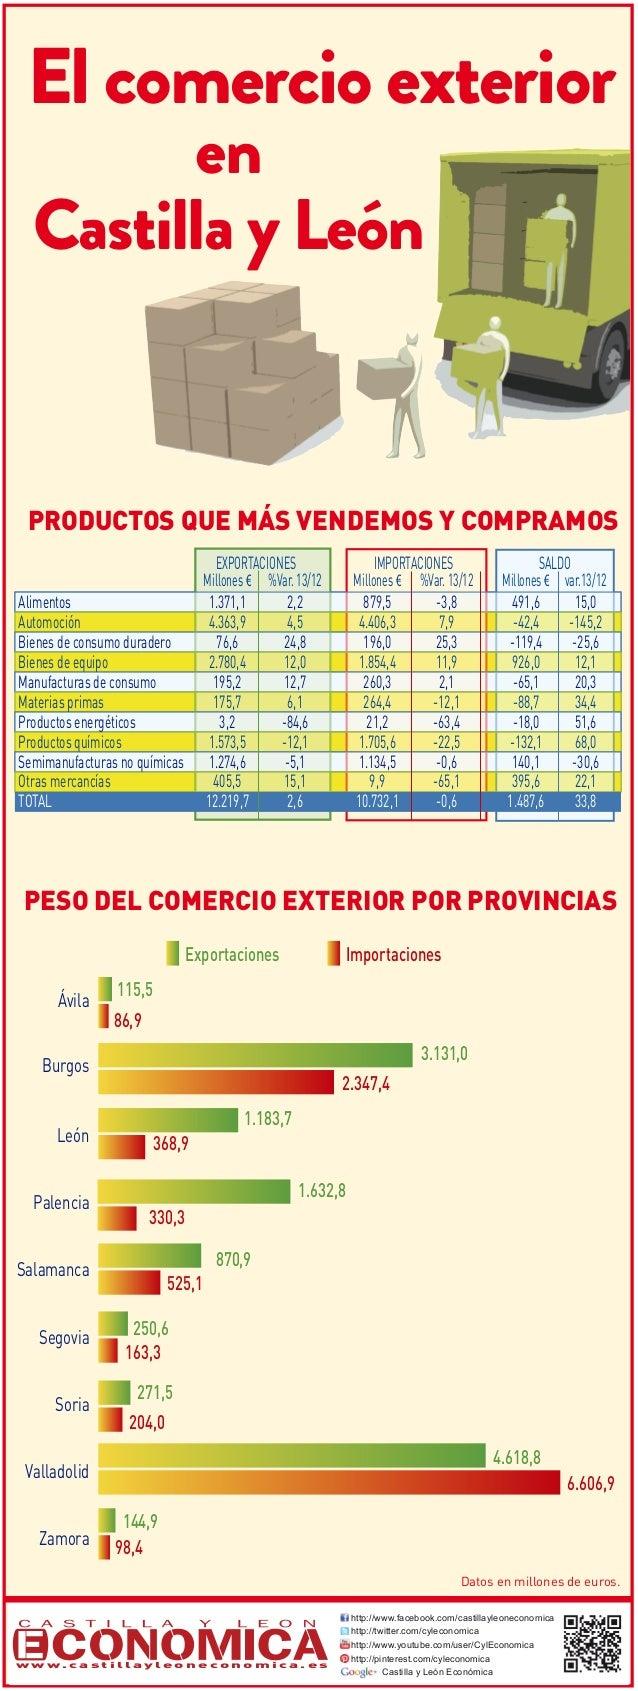 El comercio exterior en Castilla y León 2